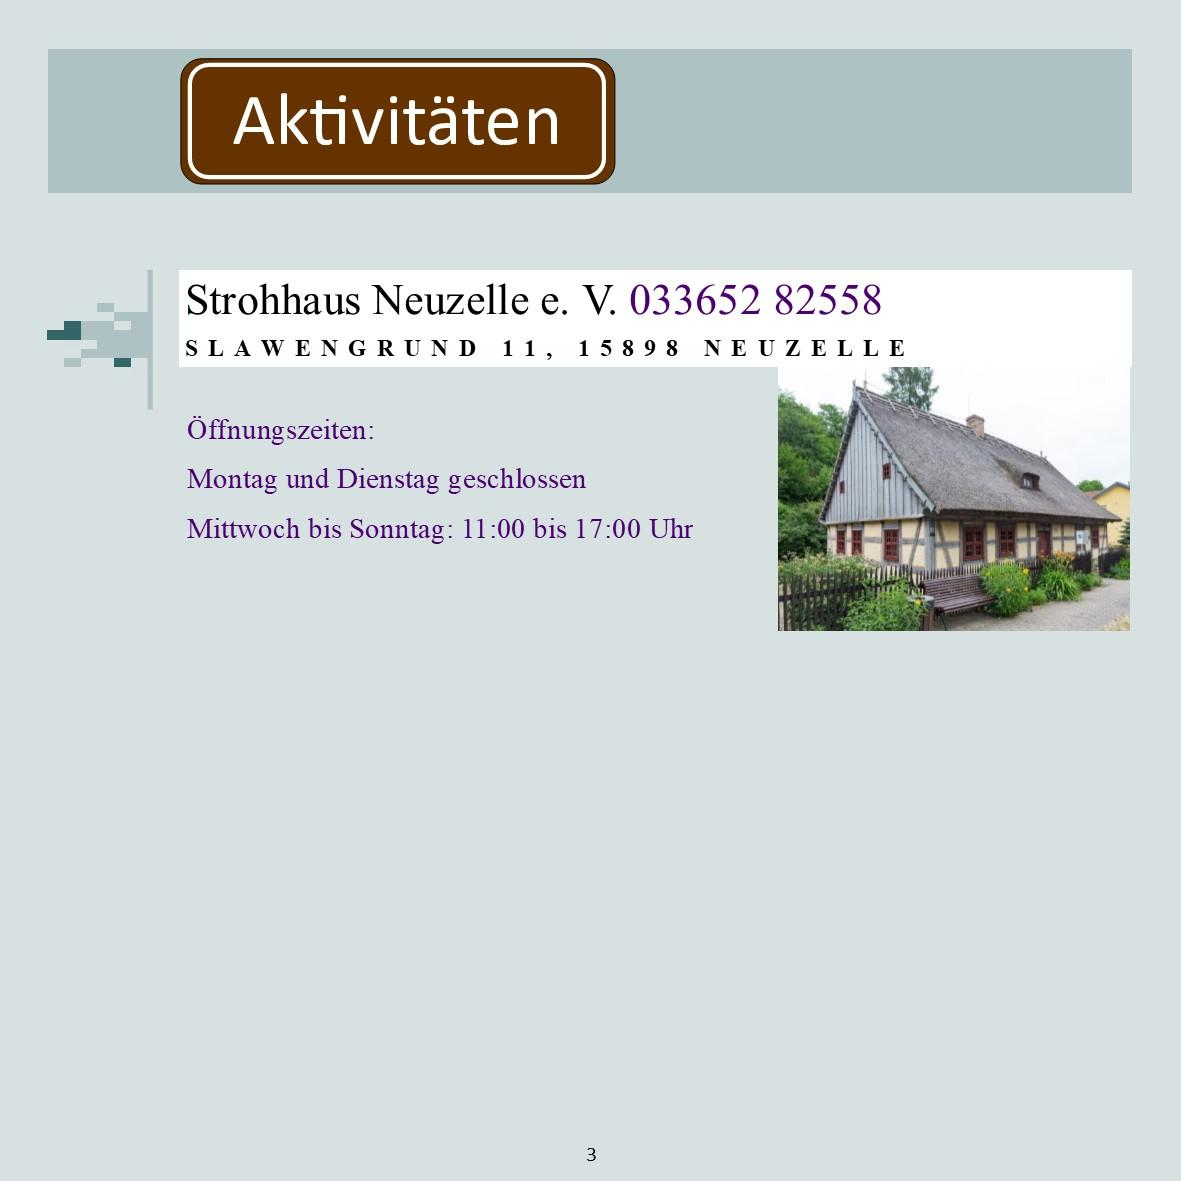 Neuzelle_Freizeit_Kärtchen_Aktivitäten3